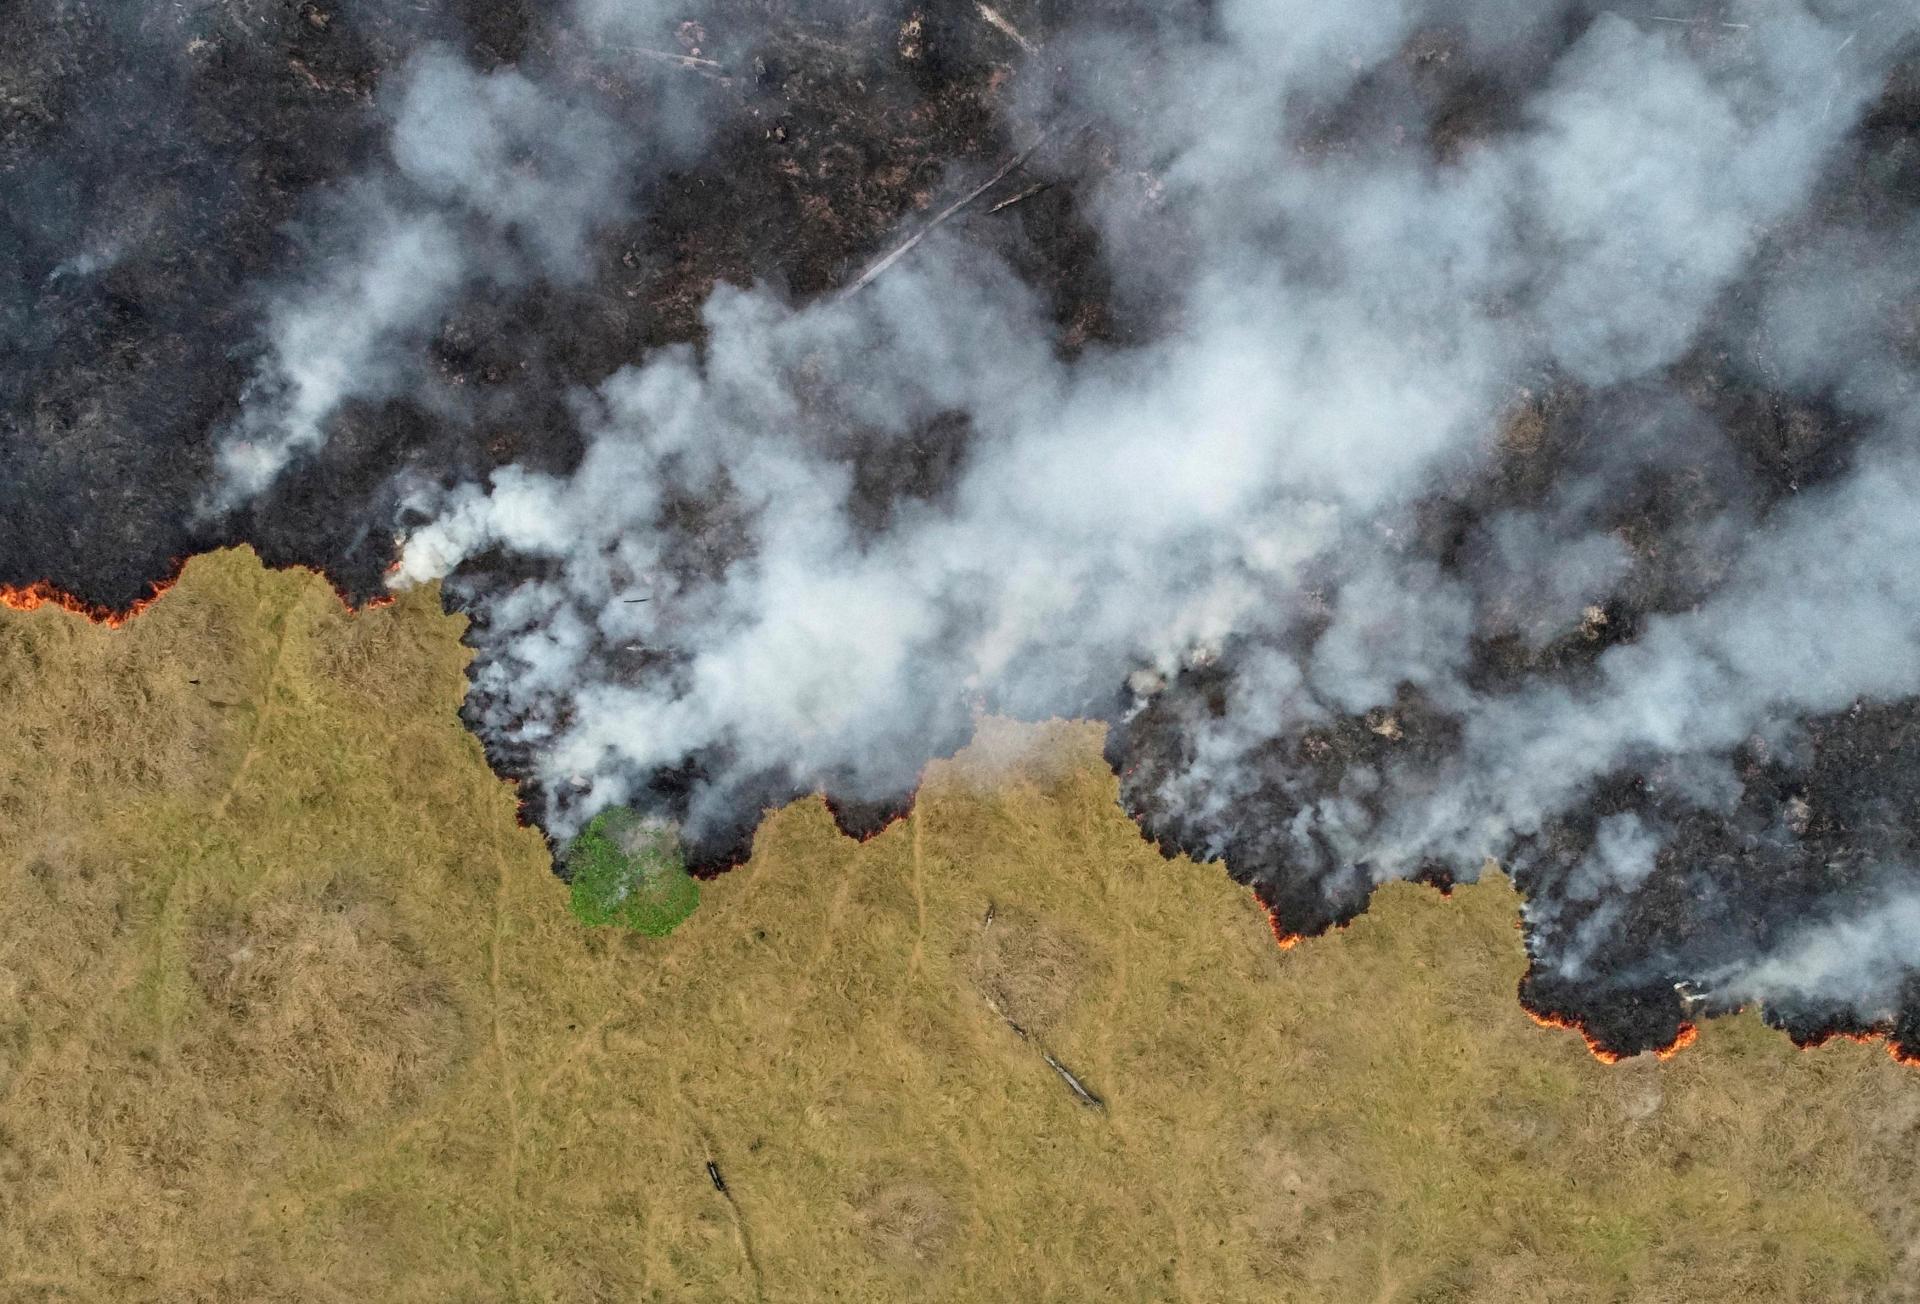 Une vue aérienne de l'Amazonie à Porto Velho dans l'Etat de Rondonia montre une parcelle déforestée partir en fumée, le 24 août. La déforestation, par l'exploitation des ressources forestières ou par les feux de forêt, réduit la quantité d'eau qui s'évapore et rend le climat plus sec dans une région dont les températures devraient augmenter d'environ 3,3 °C d'ici la fin du siècle.